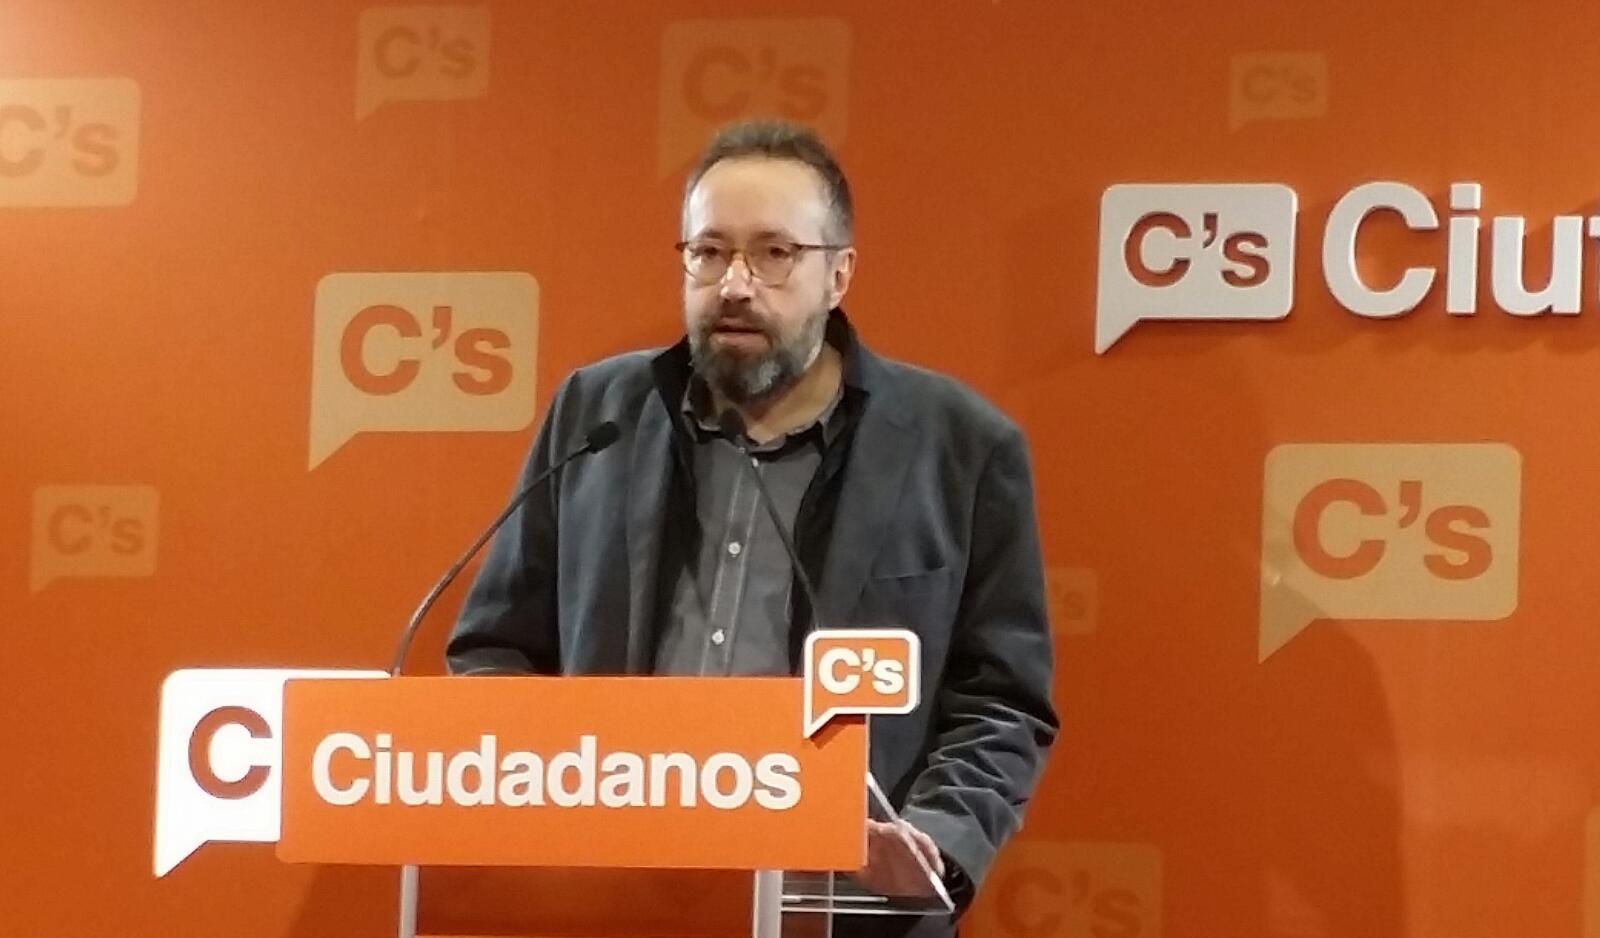 """Ciudadanos: """"Lamentablemente Rajoy ha tirado la toalla, ni siquiera se ha puesto en contacto con C's"""""""